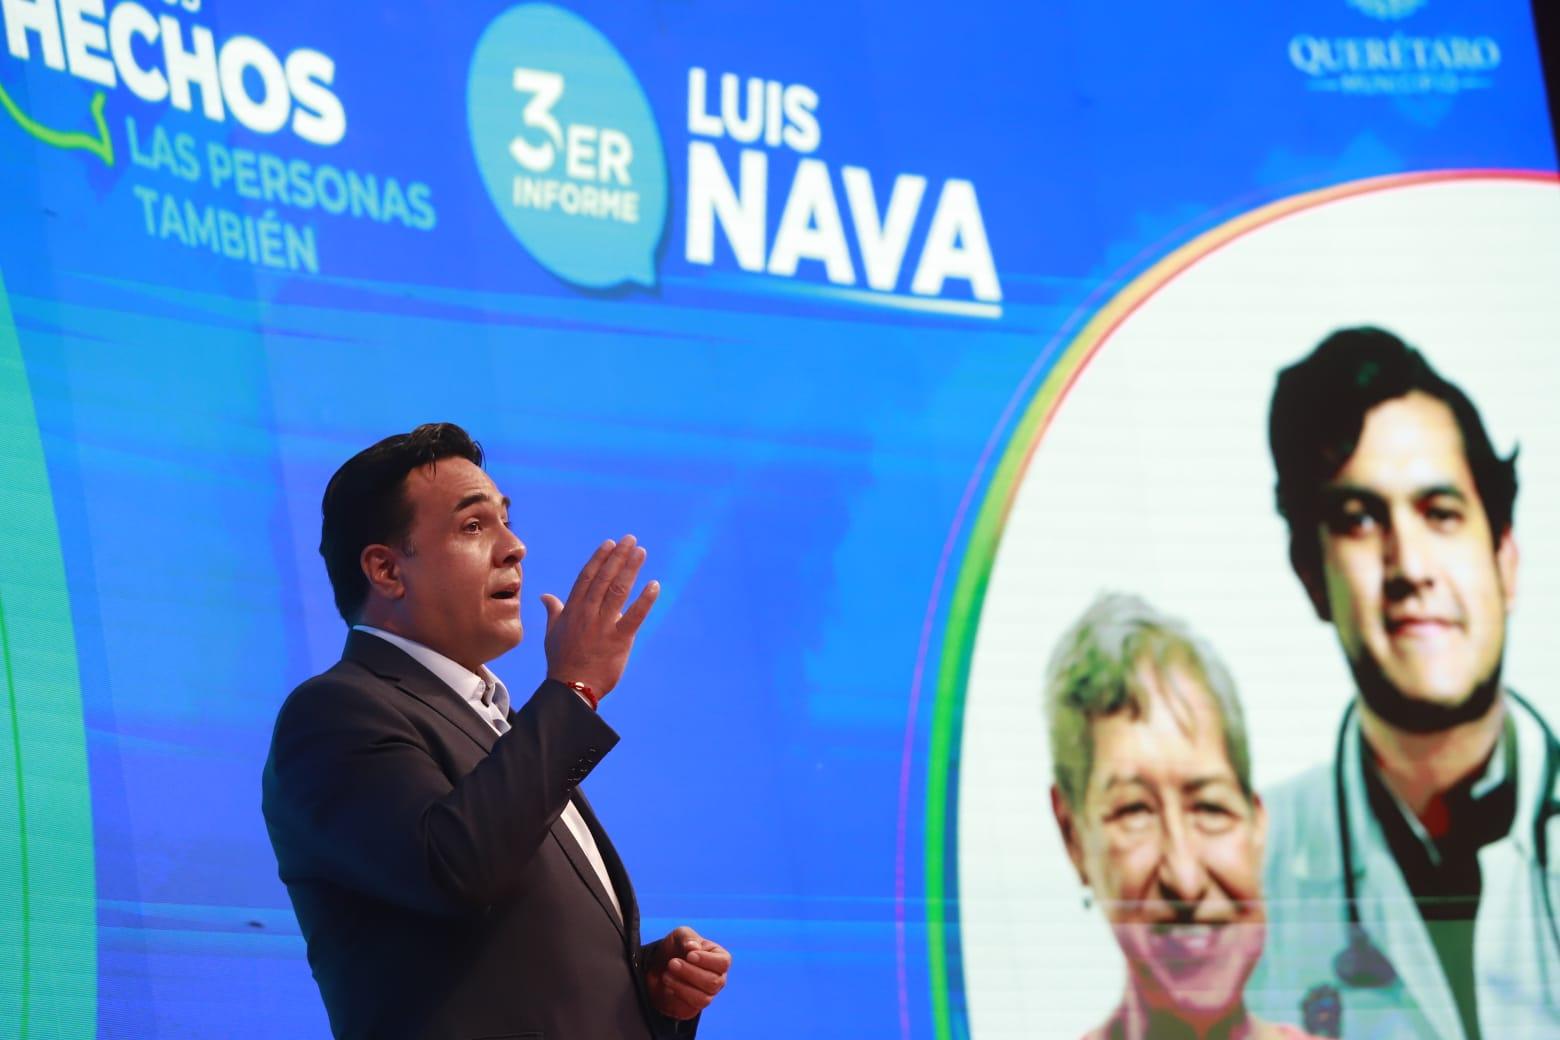 Luis Nava destaca cinco ejes durante su último año de trabajo en el municipio de Querétaro